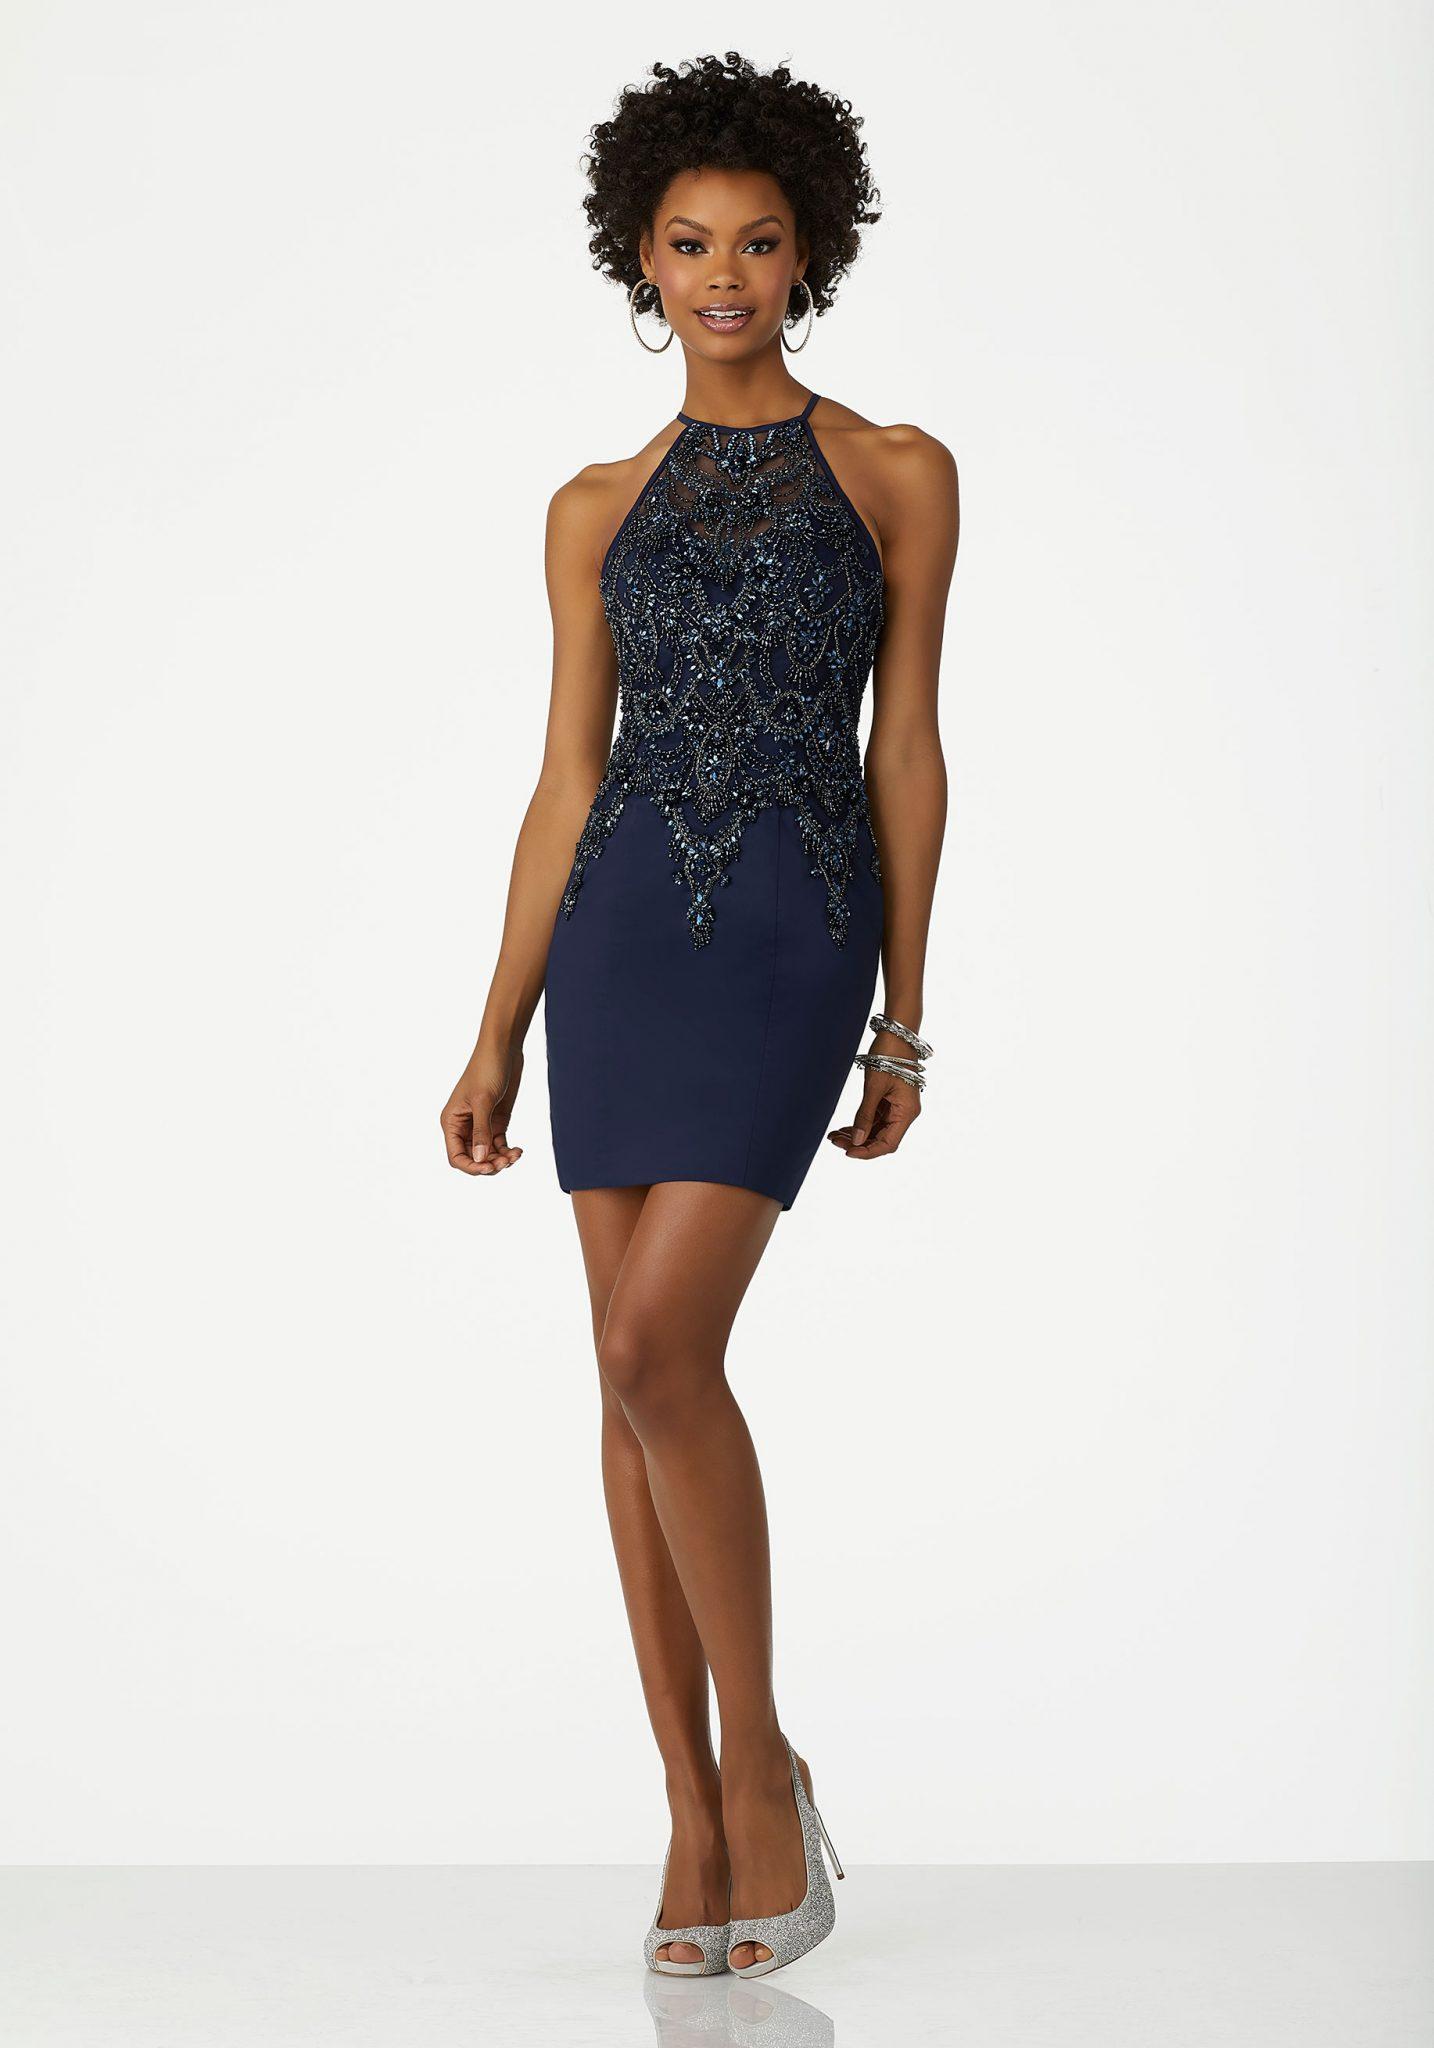 2020 Abiye Elbise Kısa Abiye Modelleri Lacivert Halter Yaka Boncuk İşlemeli